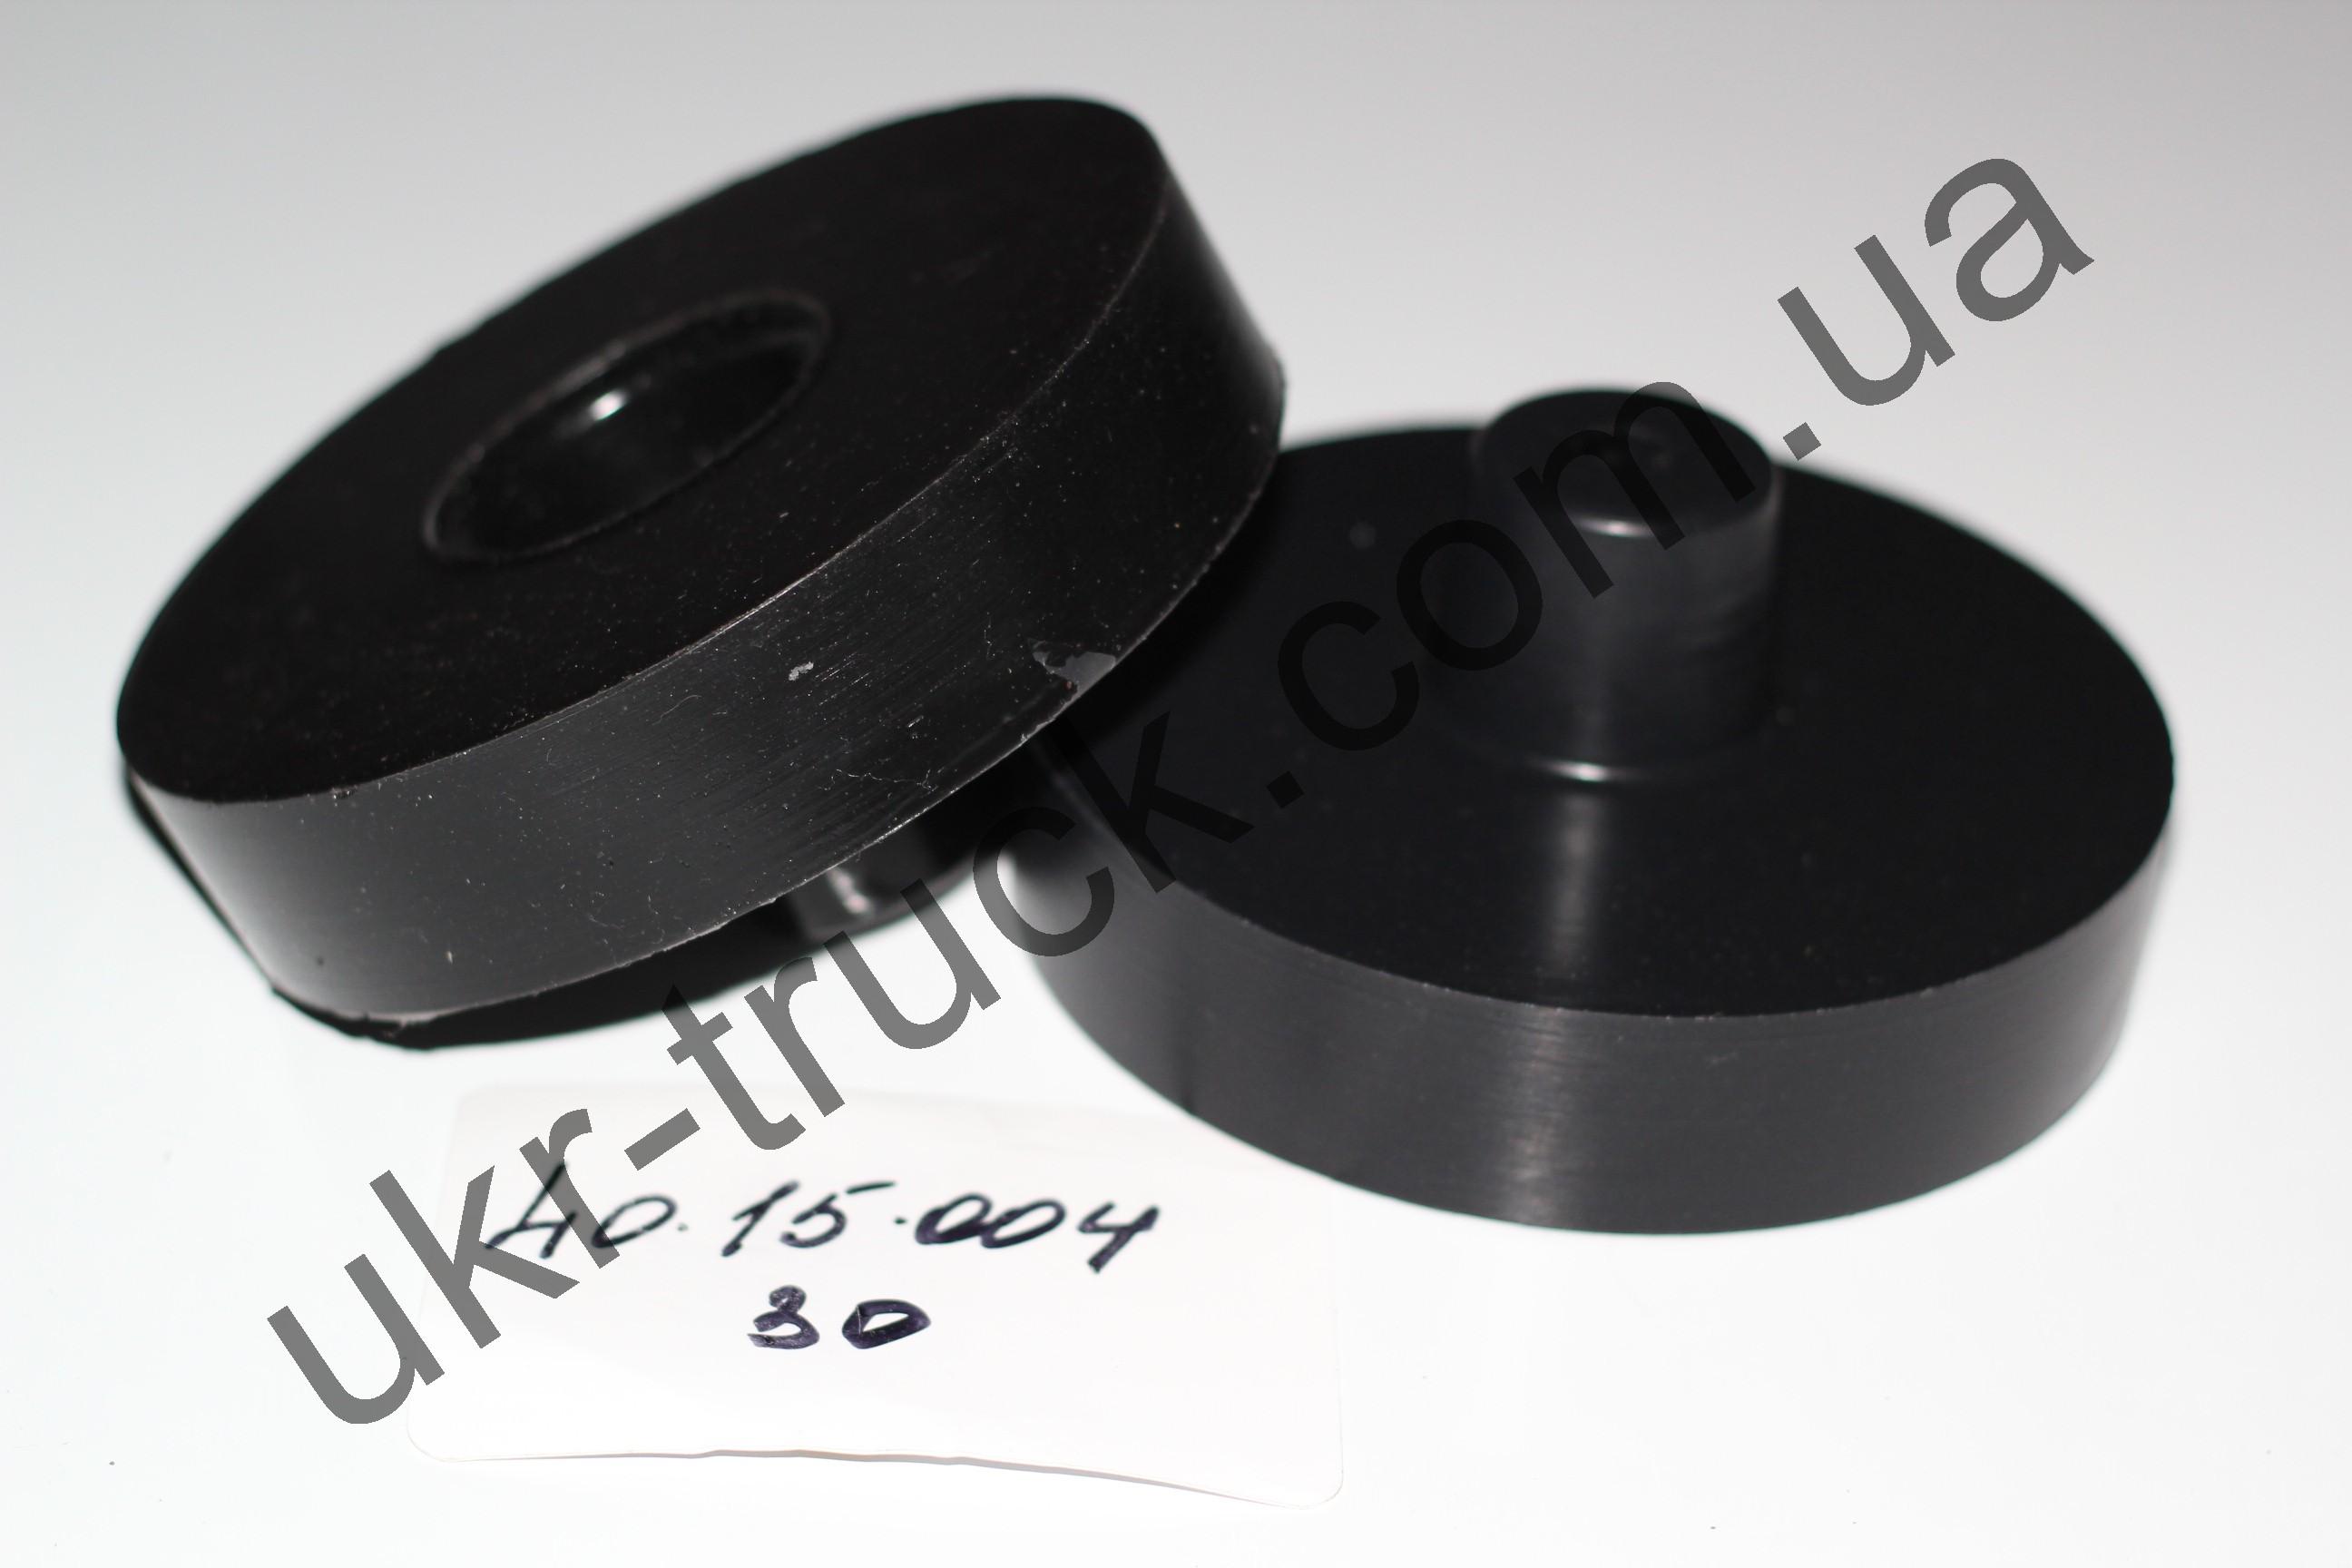 Проставка задней пружины 30 мм SKODA Octavia (1997-2011) 40-15-004/30